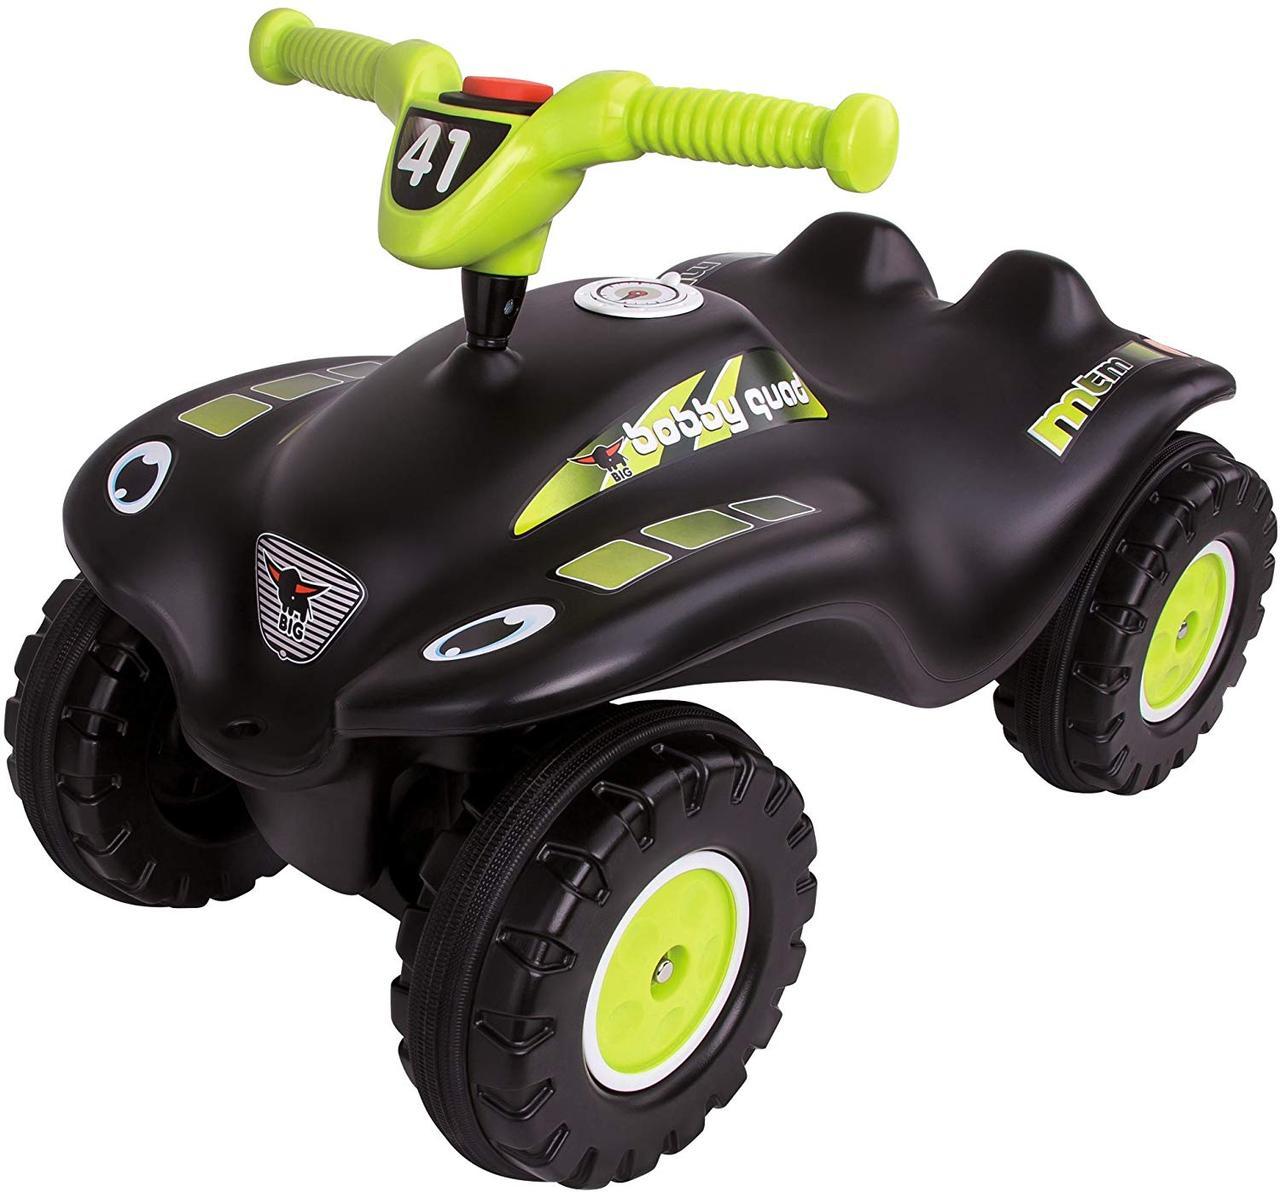 Машинка каталка Квадроцикл для гонок и защитные накладки для детской обуви BIG Bobby Quad Racing 56410